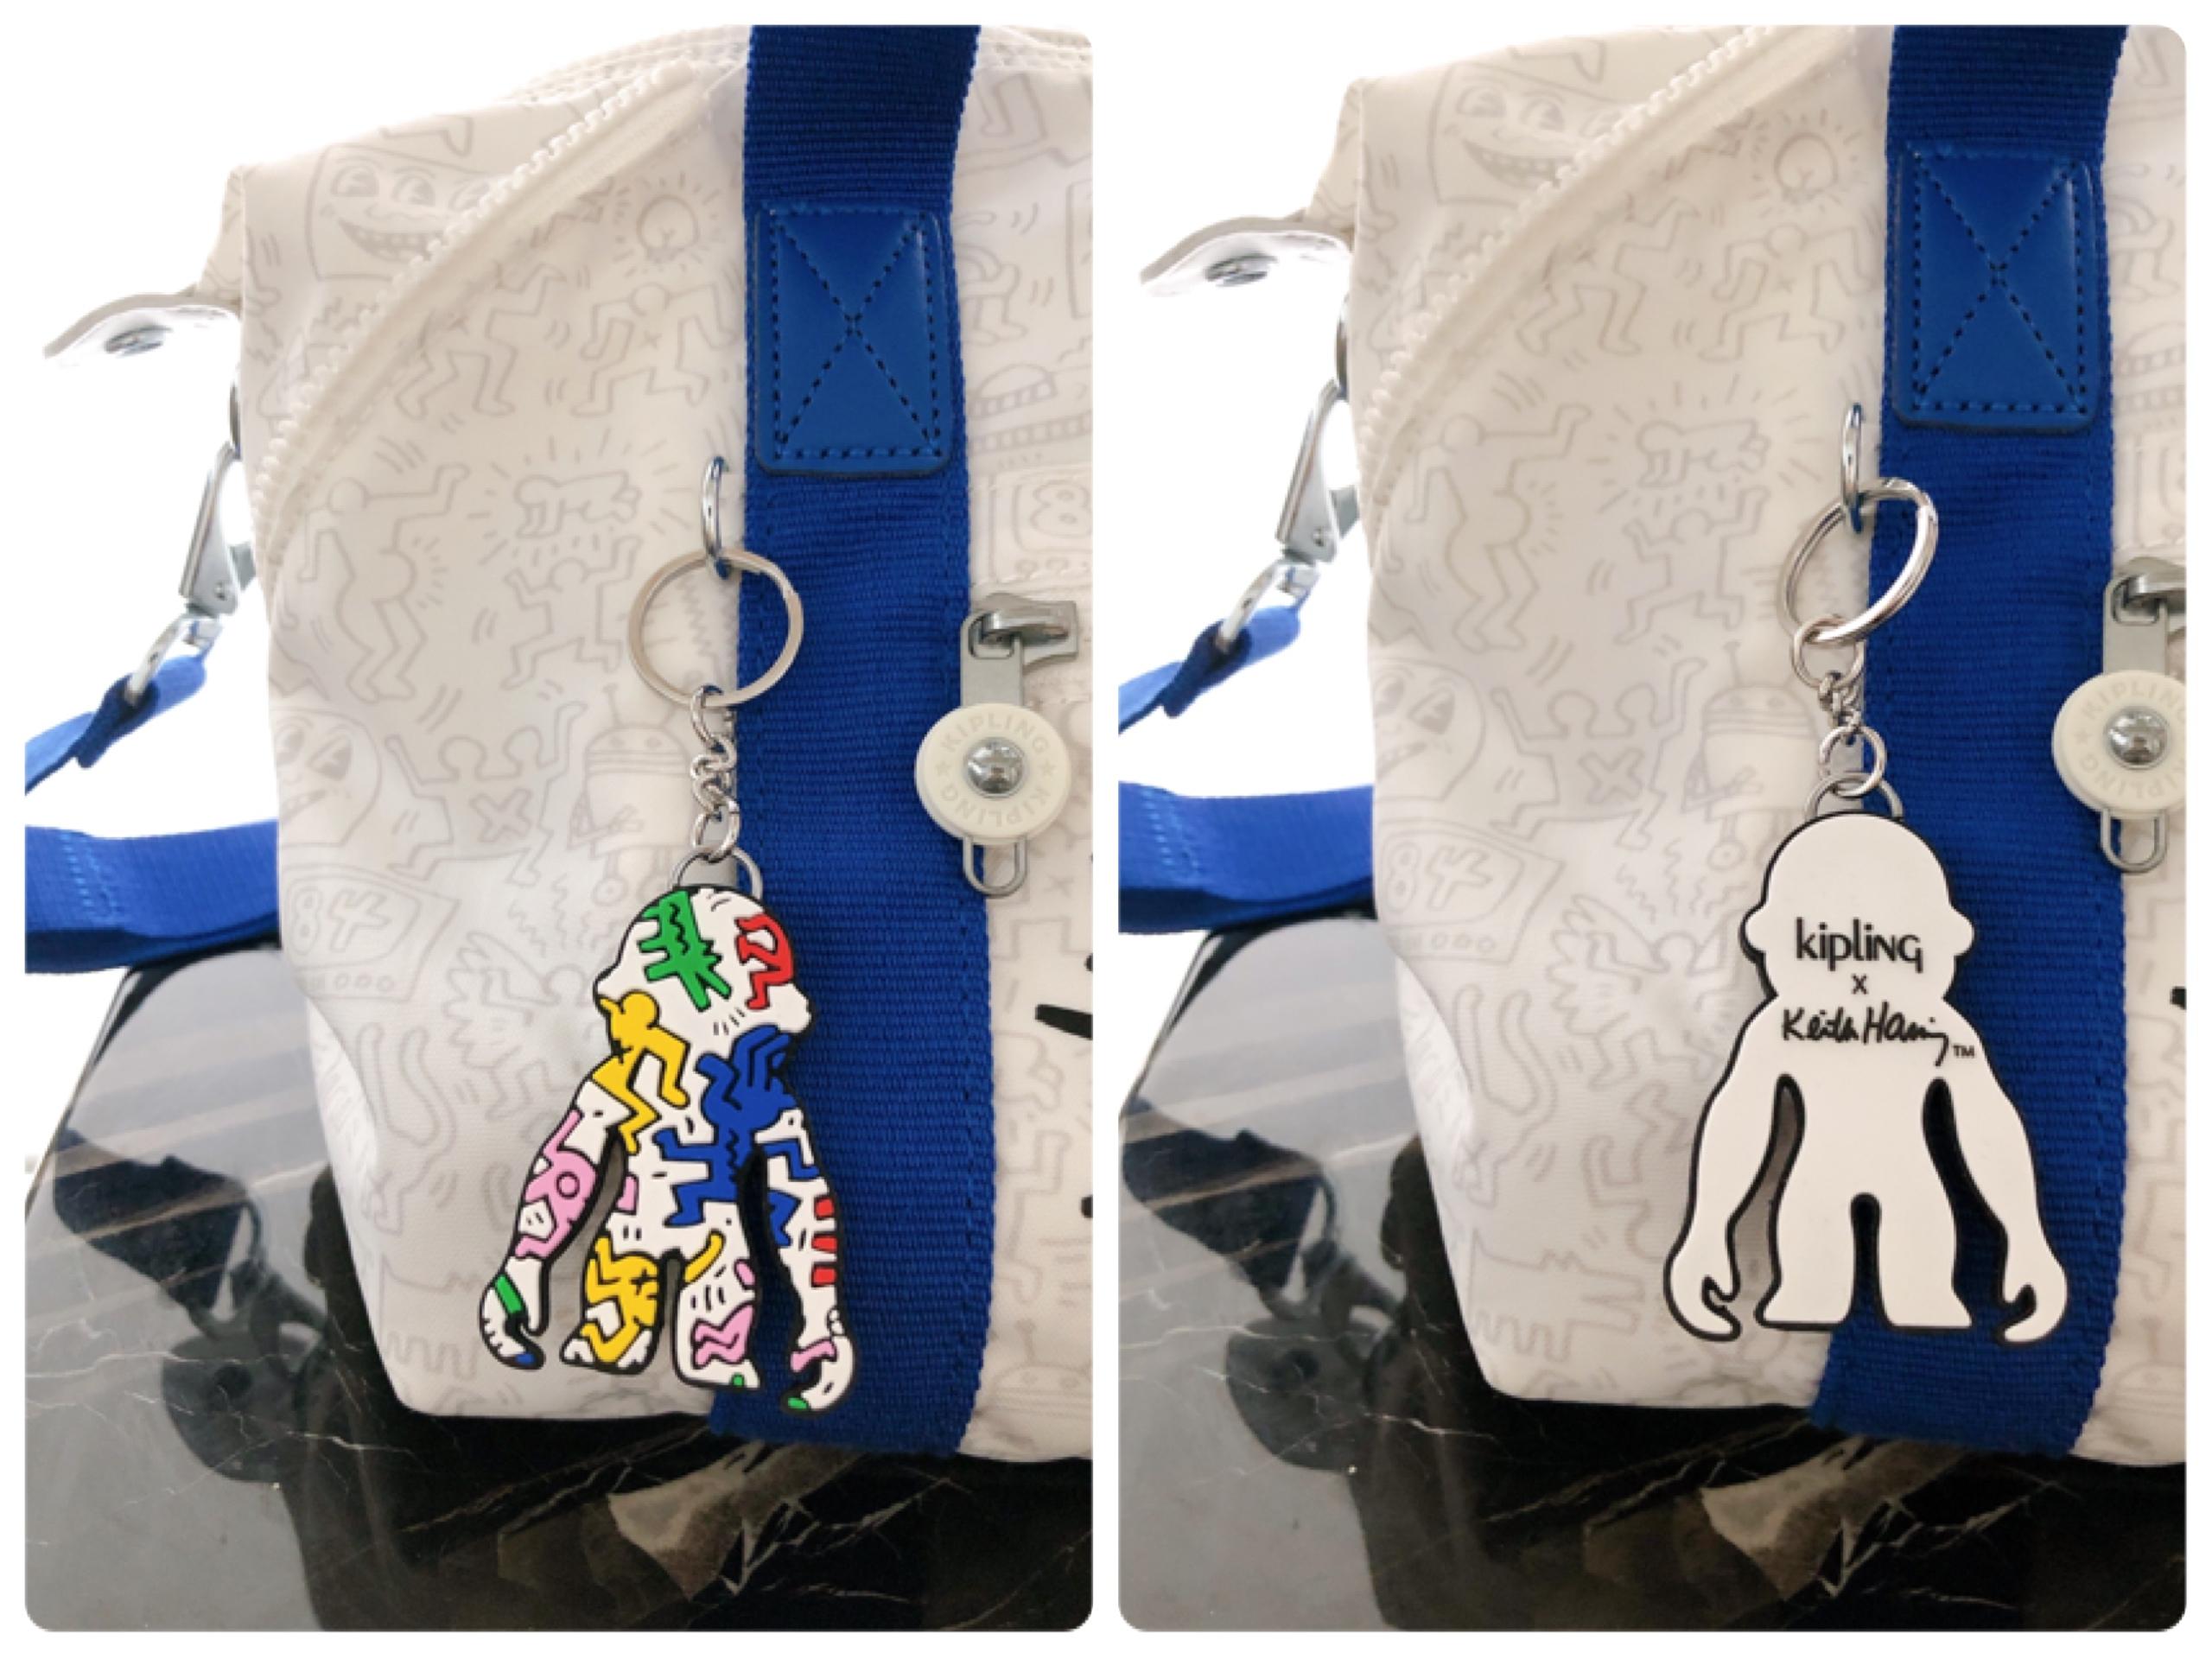 【NEW!】《Kipling×Keith Haring》ポップなデザインがファッションのアクセントに♡ GoTo Travelに大活躍の2wayバッグ!_4